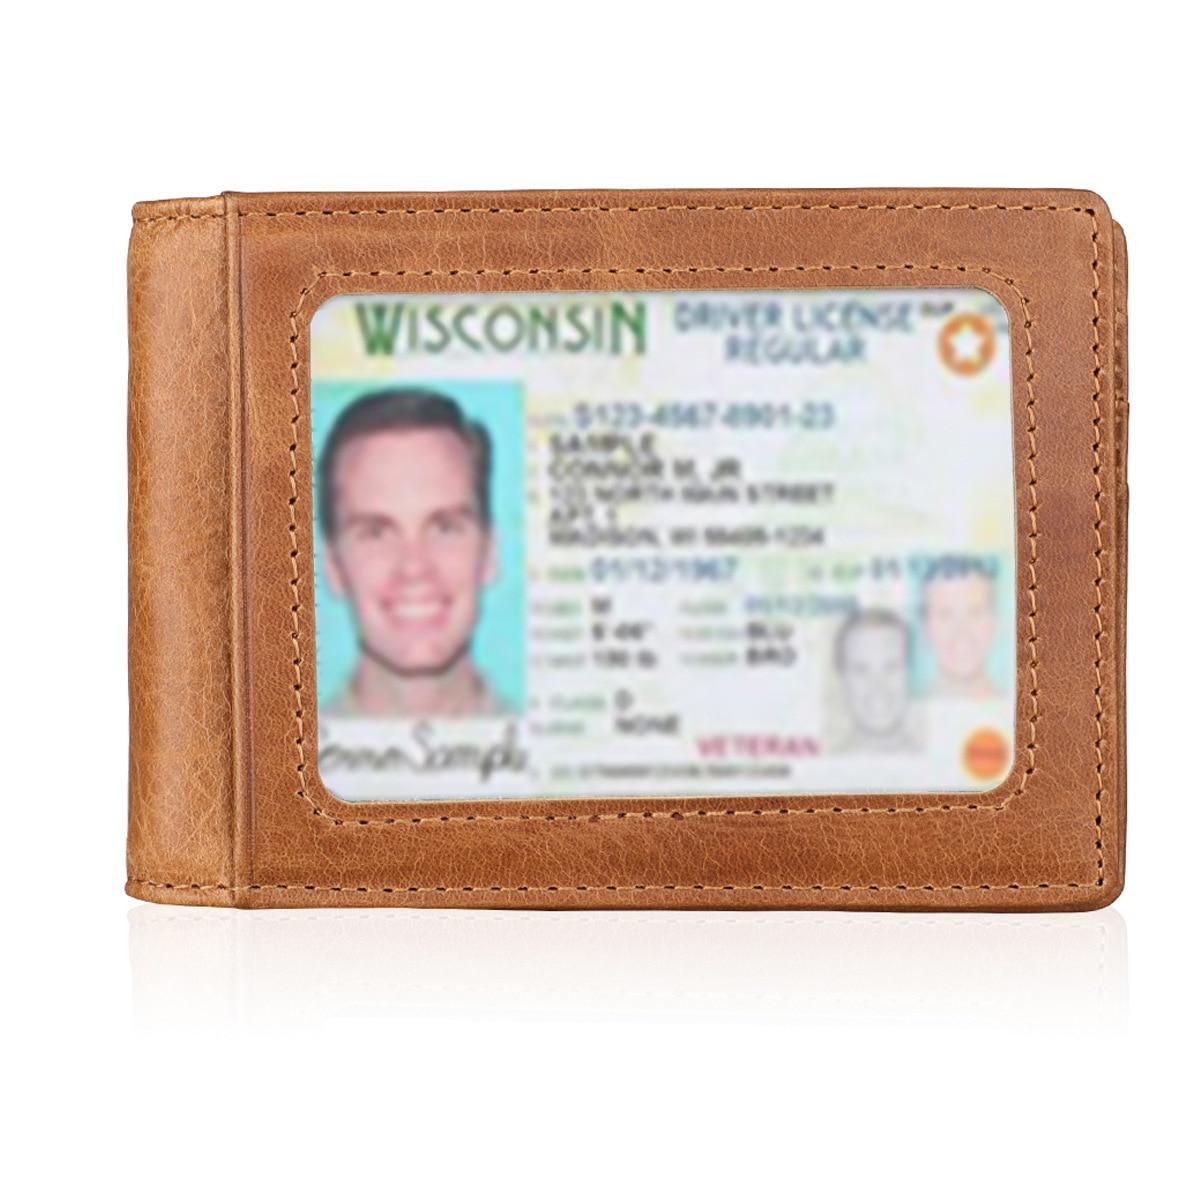 Продажа кожаного бумажника Crazy Horse, ретро-кошелек с RFID-защитой и зажимом для наличных, мужской кошелек с несколькими отделениями для карт и у...